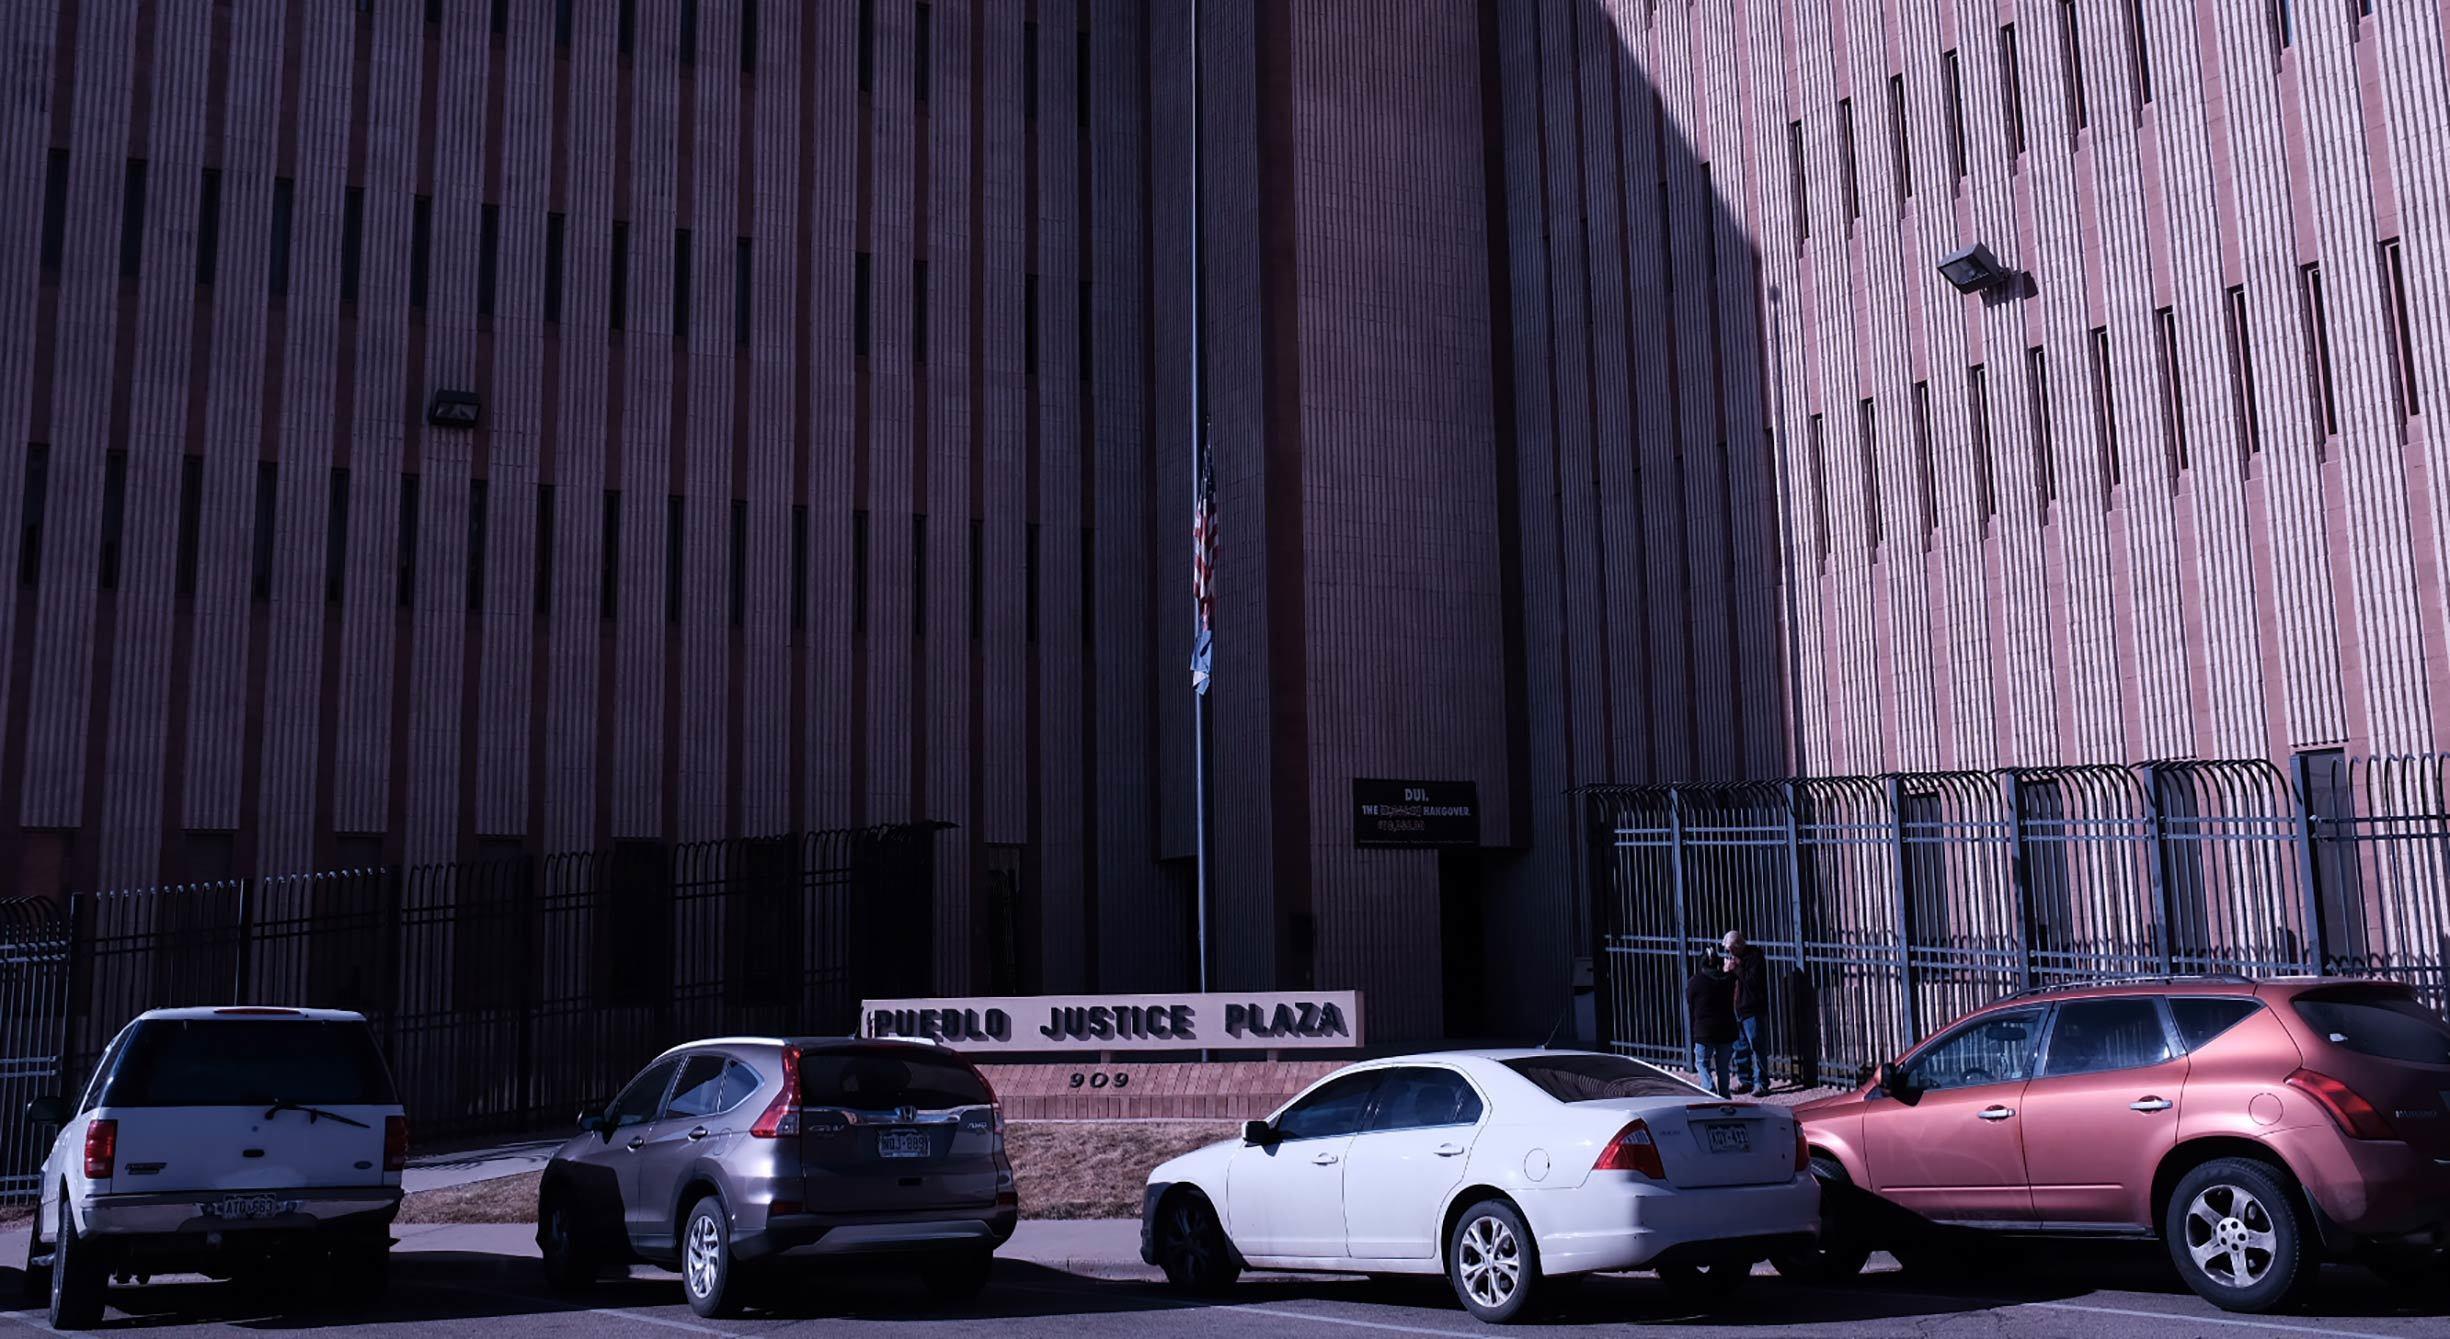 Iob Pueblo Justice Plaza